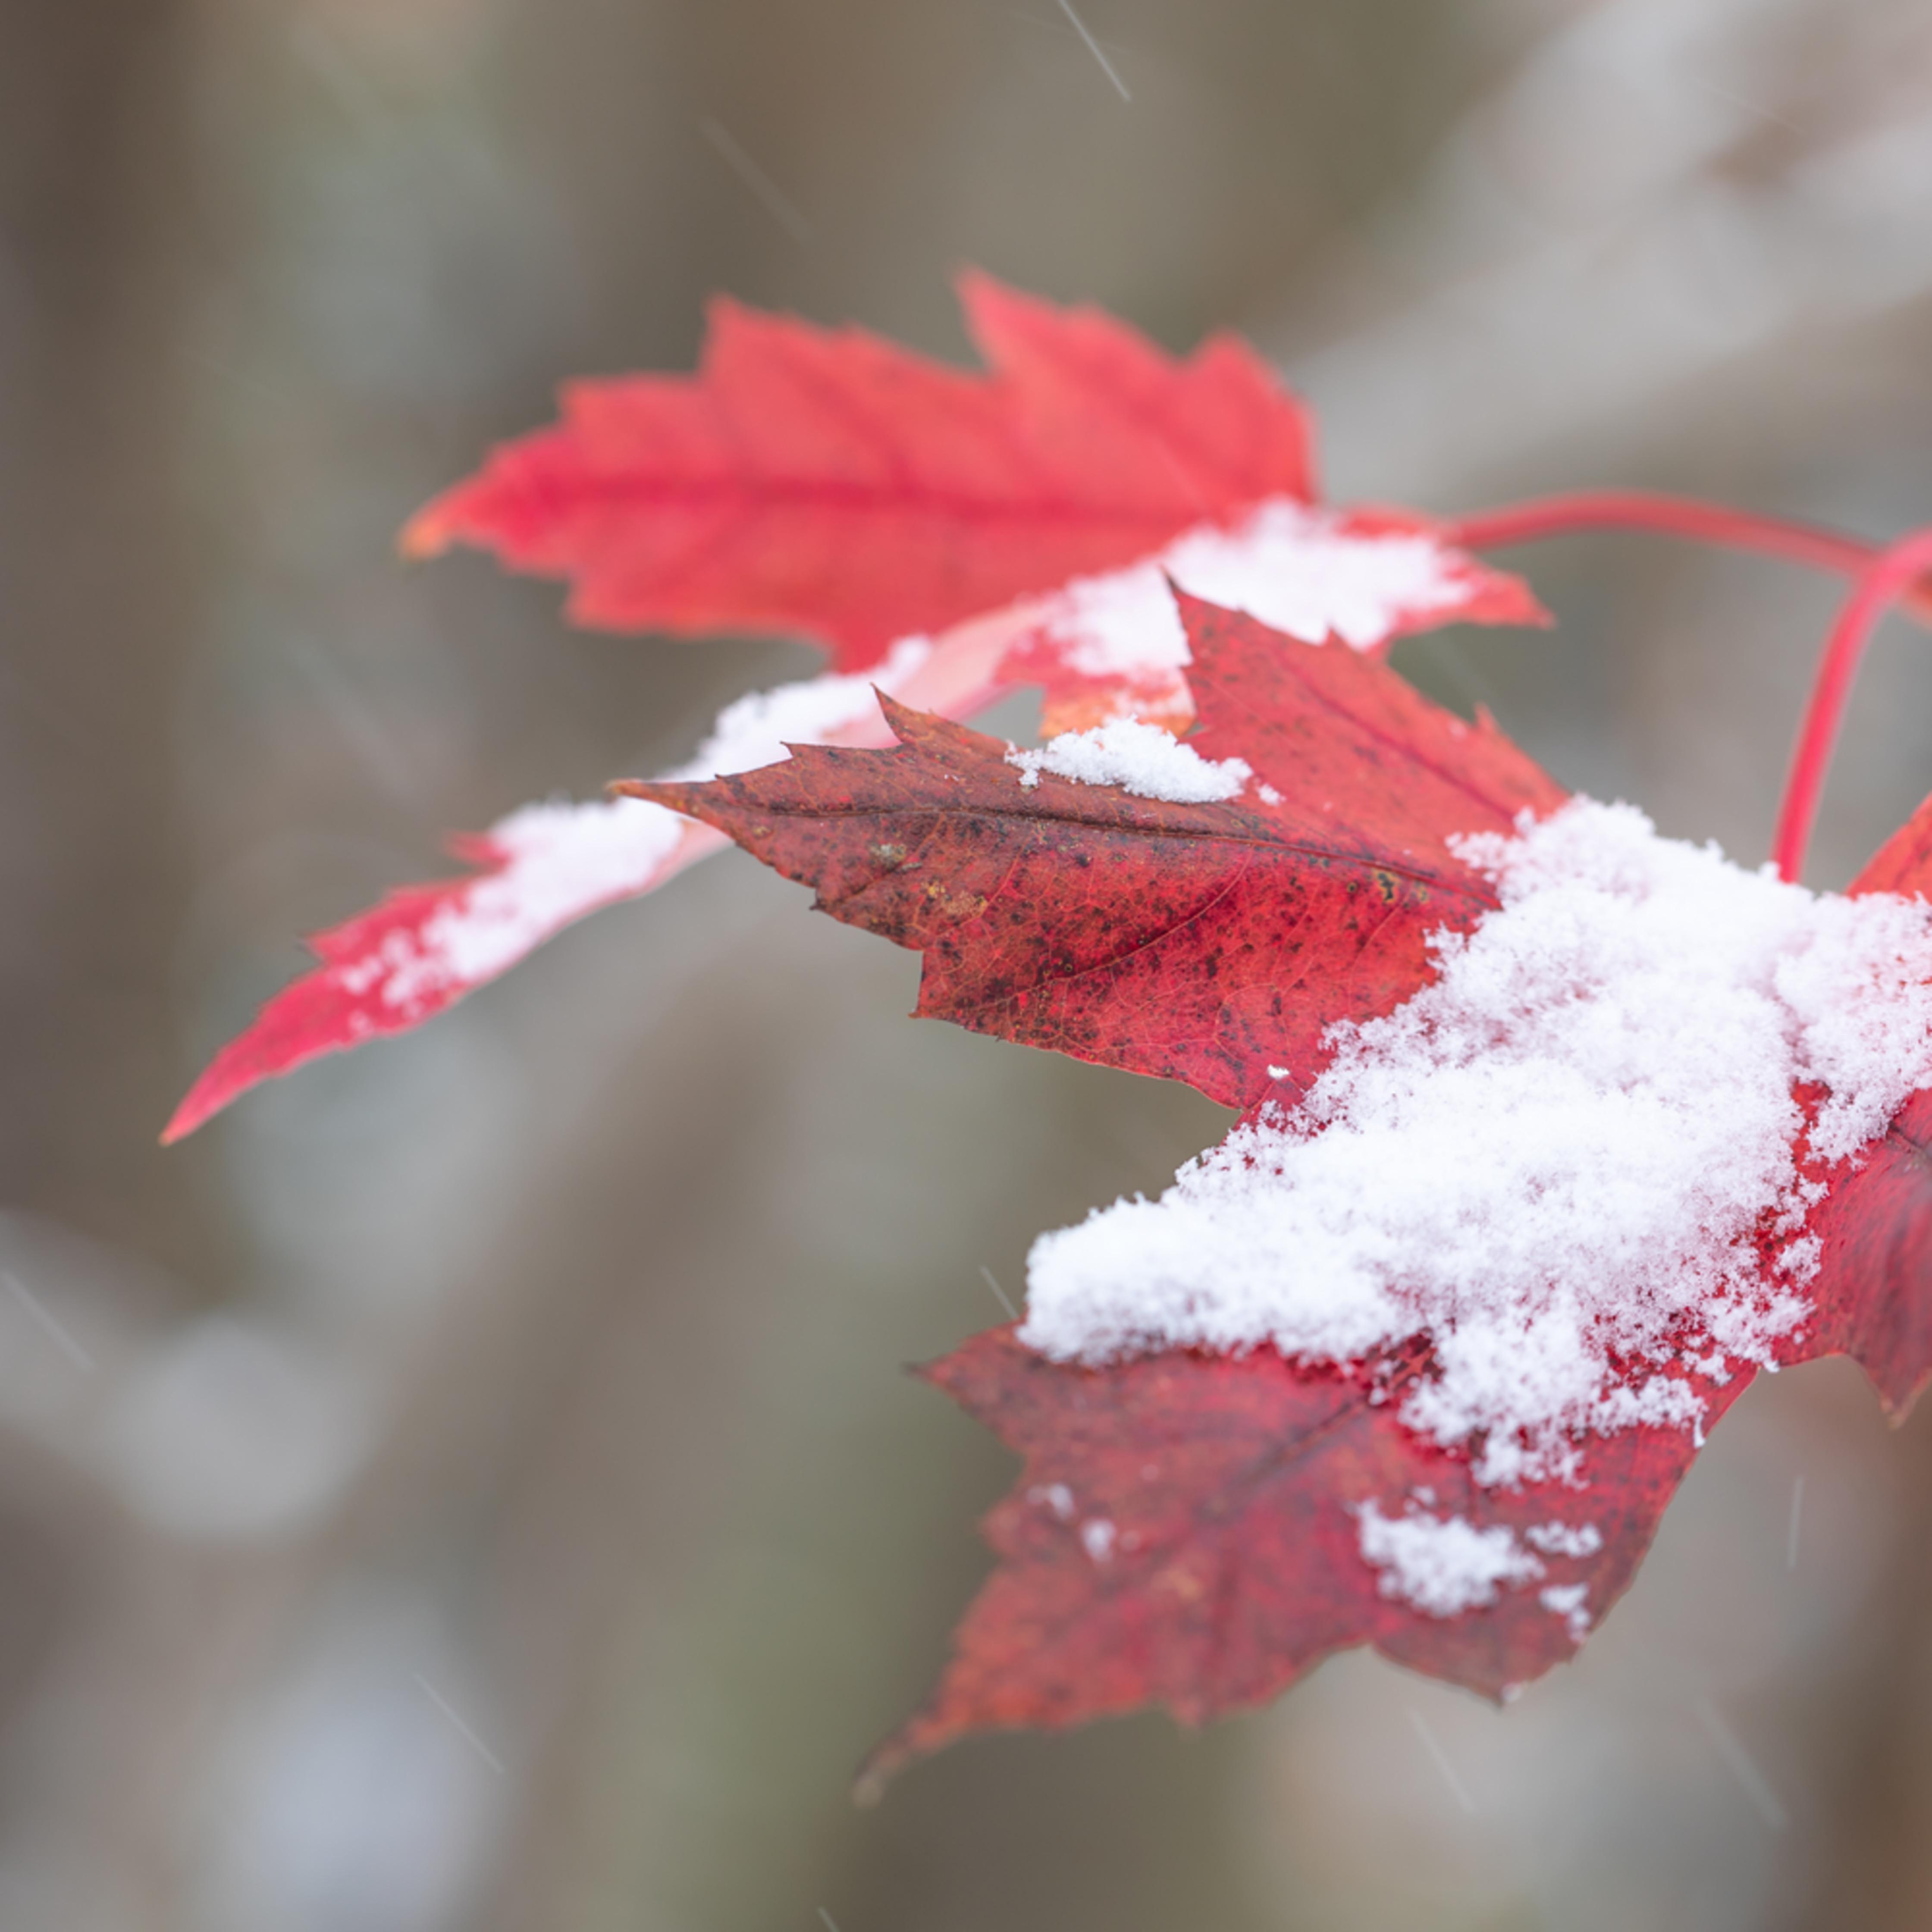 Late autumn snow e14956 lx7bwj